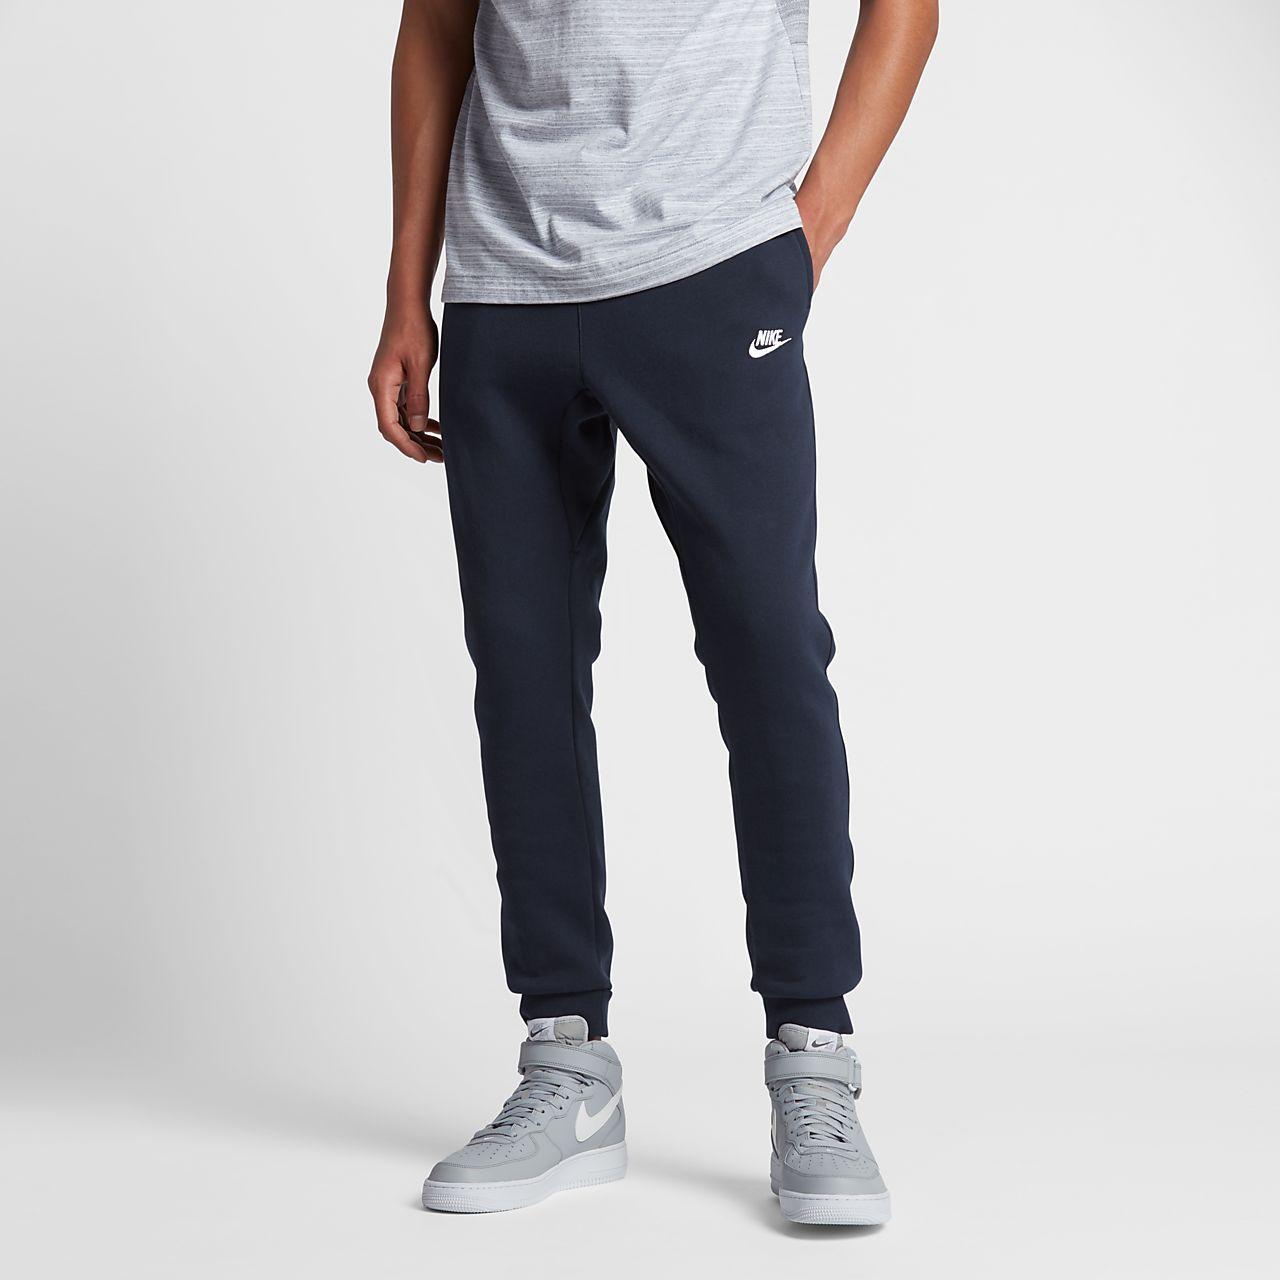 Jogging Sportswear Pour Homme Ch De Pantalon Nike 6ptqw54x